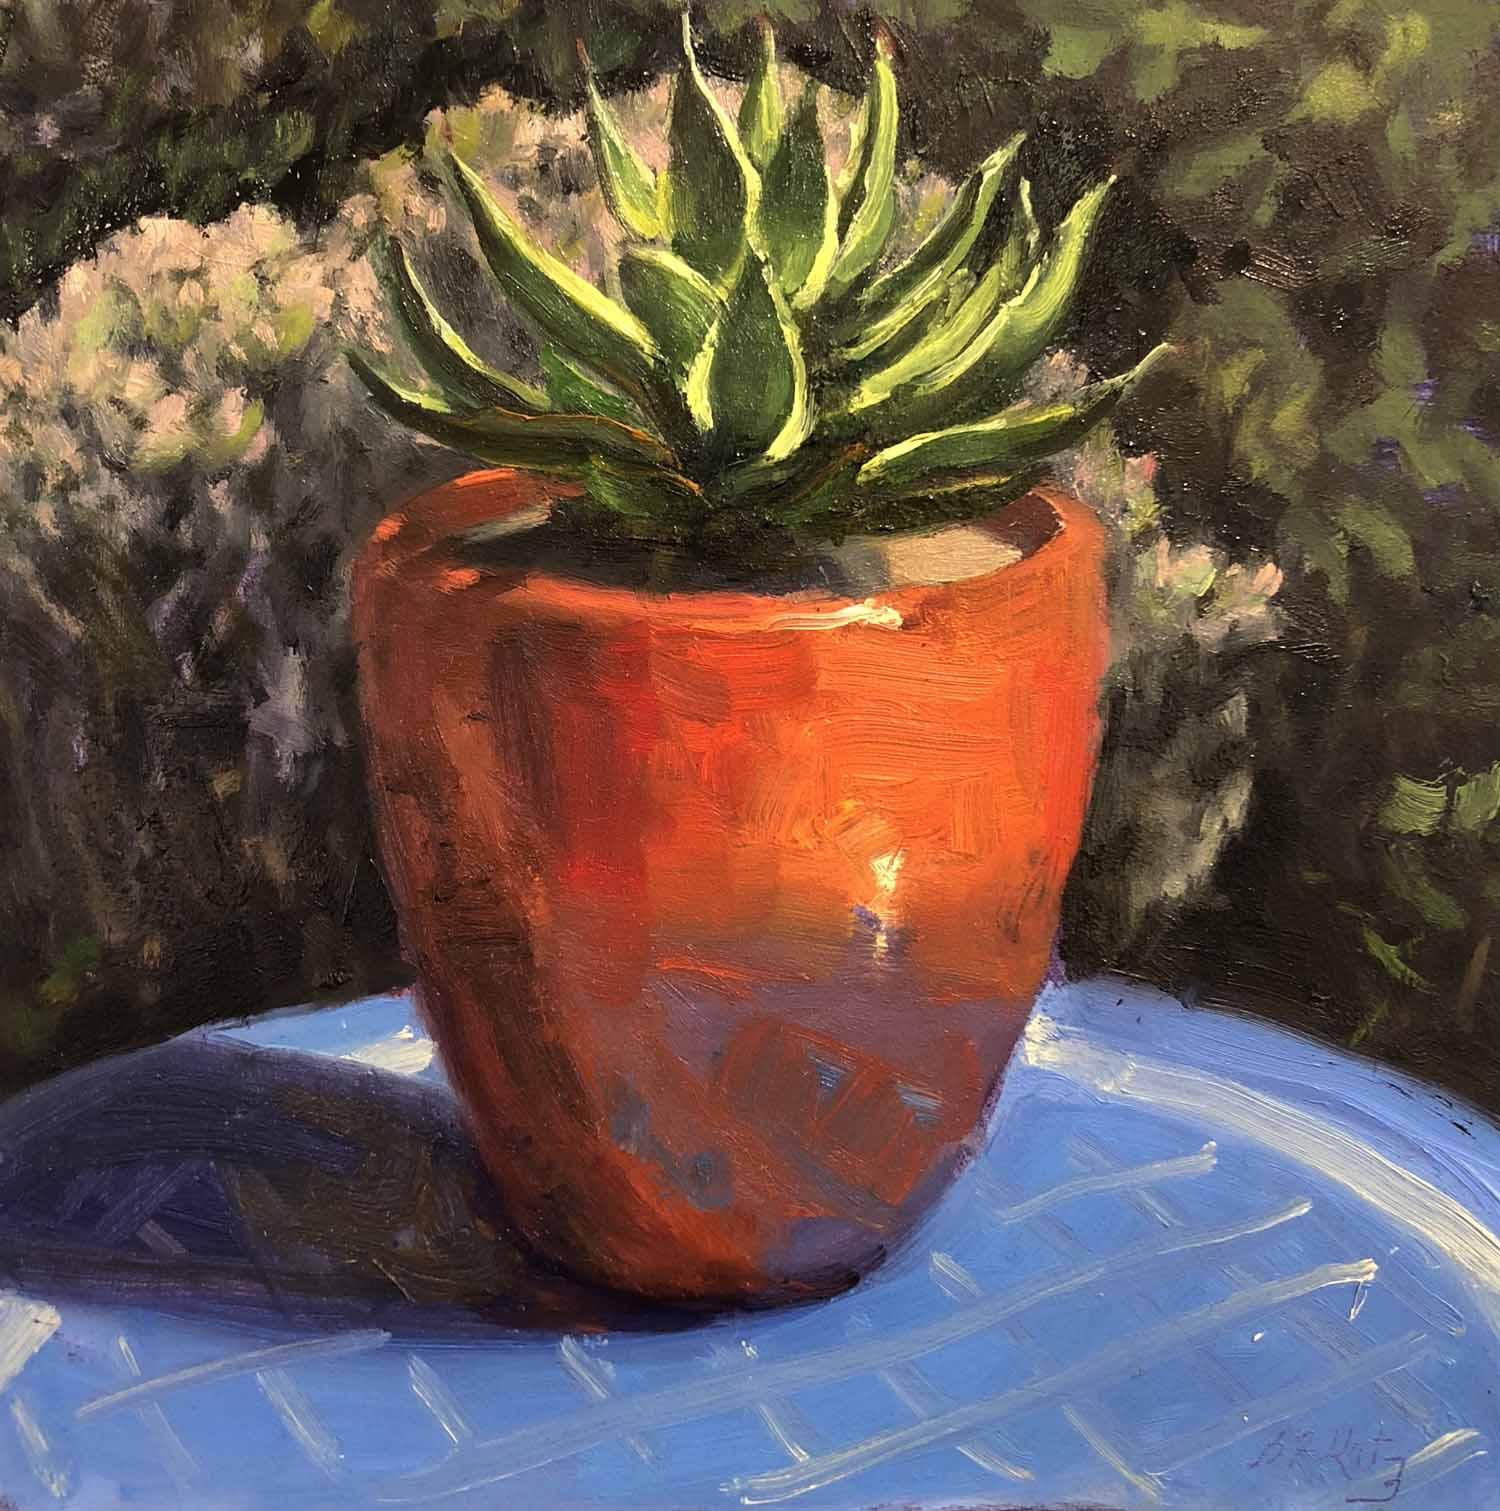 Succulent in a Red Pot